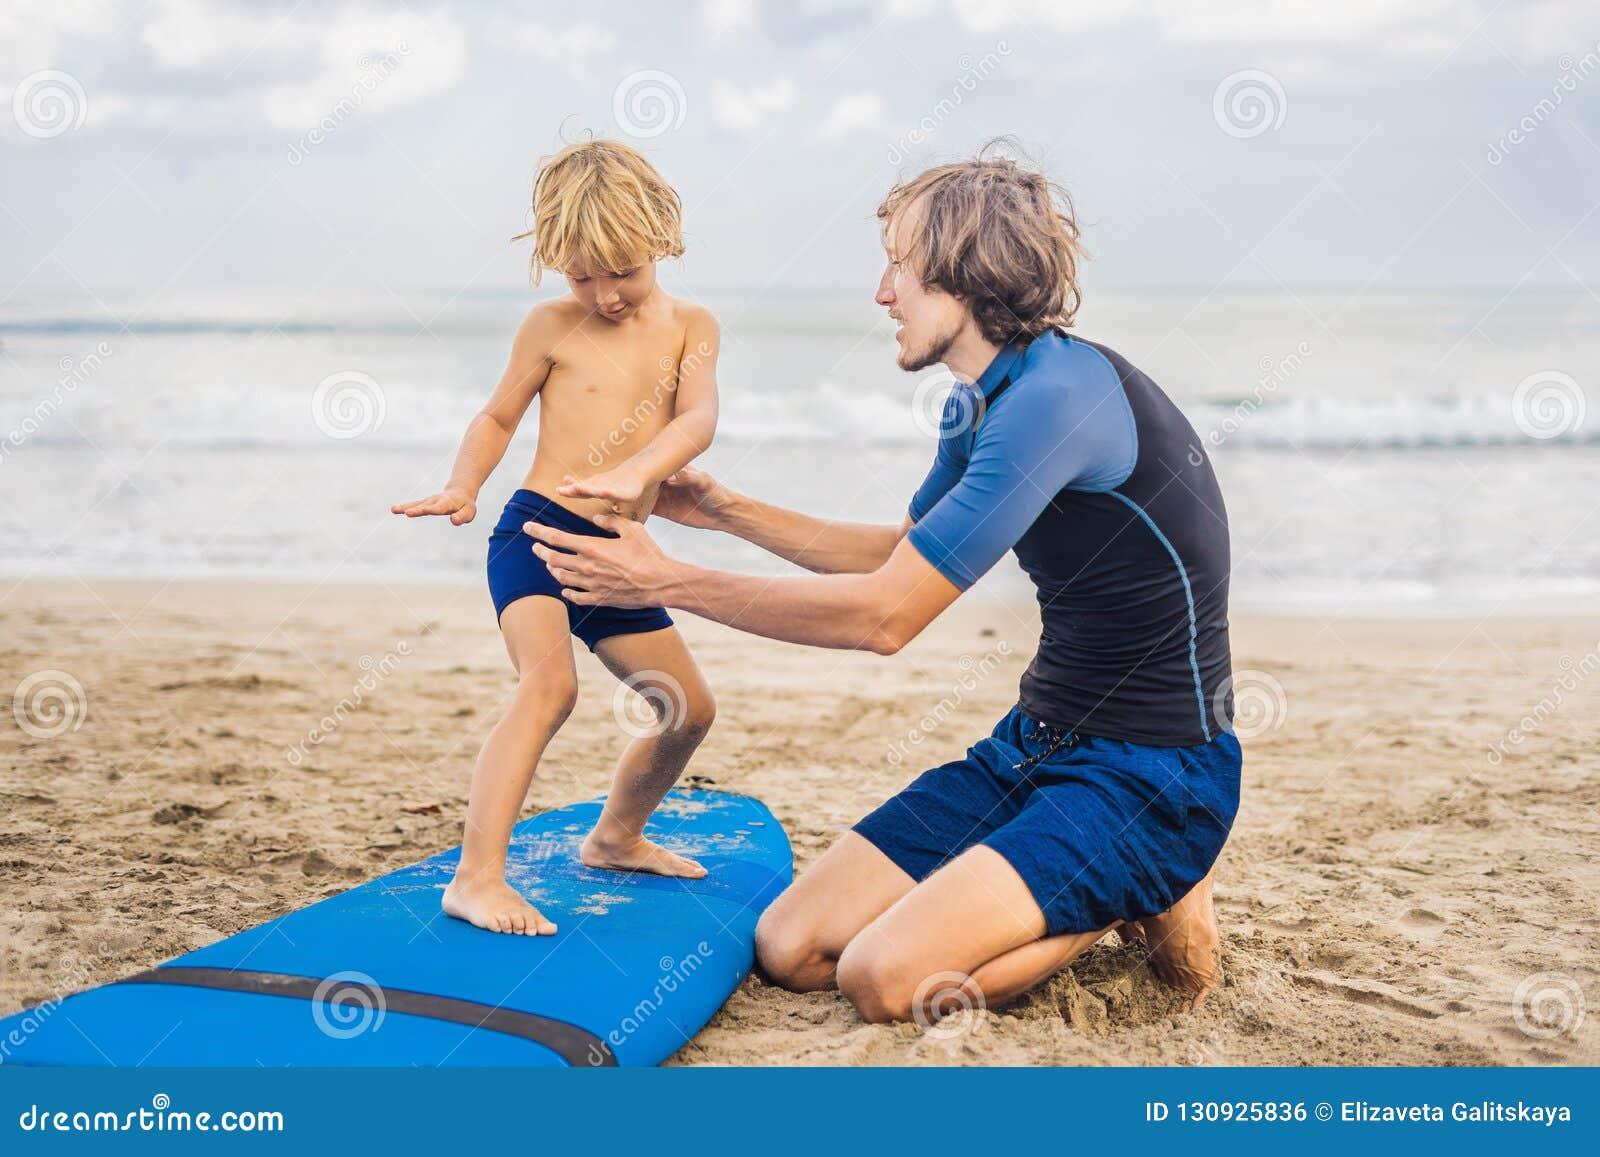 Vader of instructeur die zijn 4 éénjarigenzoon onderwijzen hoe te binnen te surfen